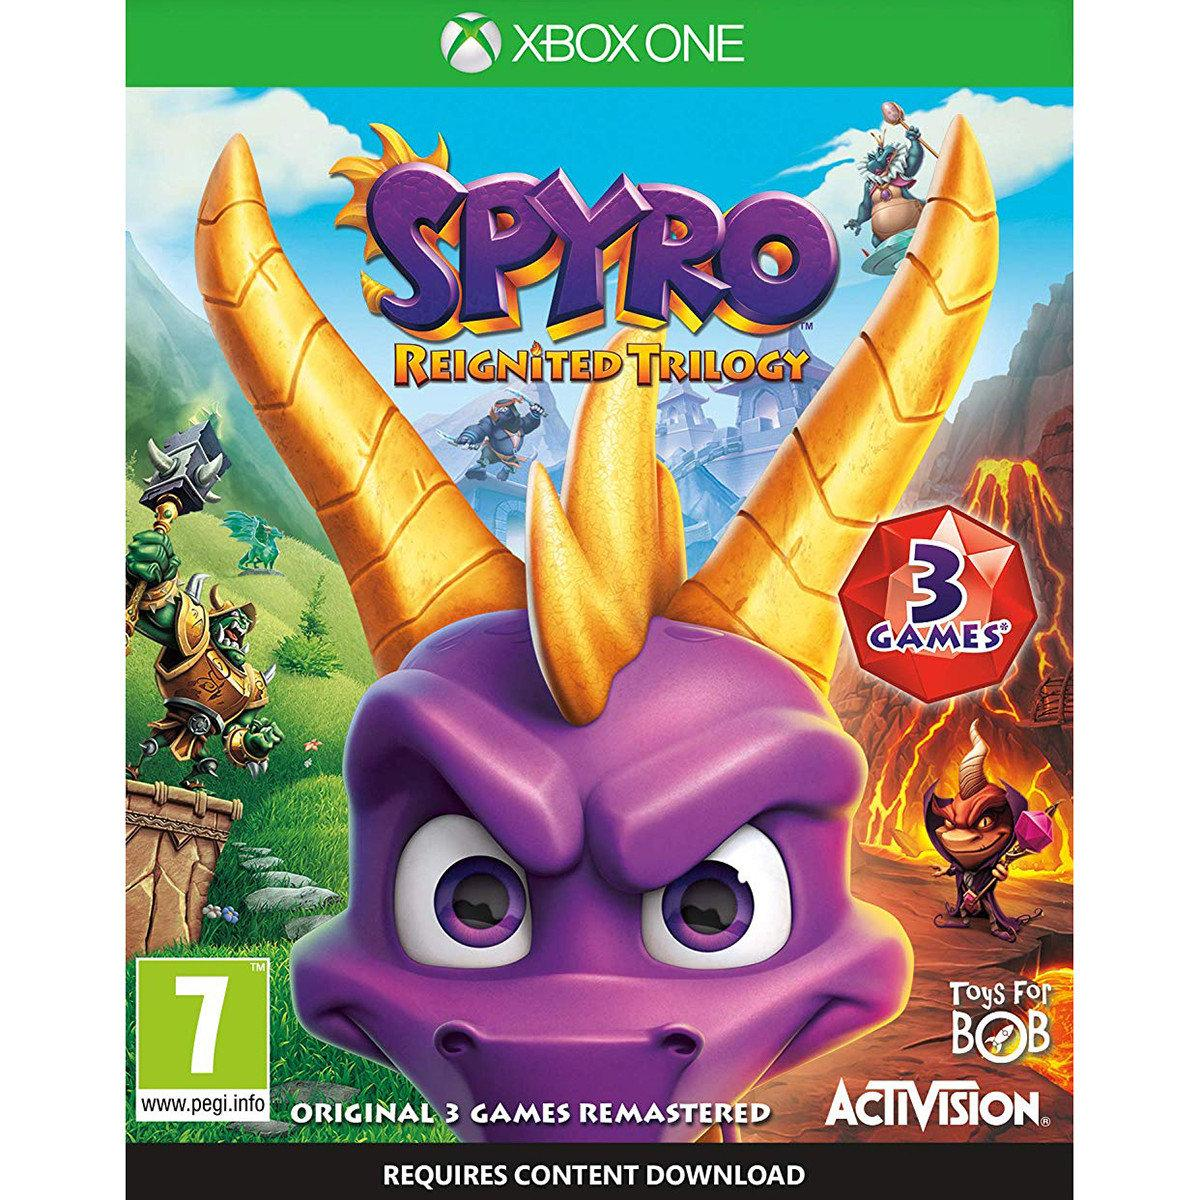 Xbox One Spyro Reignited Trilogy [Blu-Ray диск]